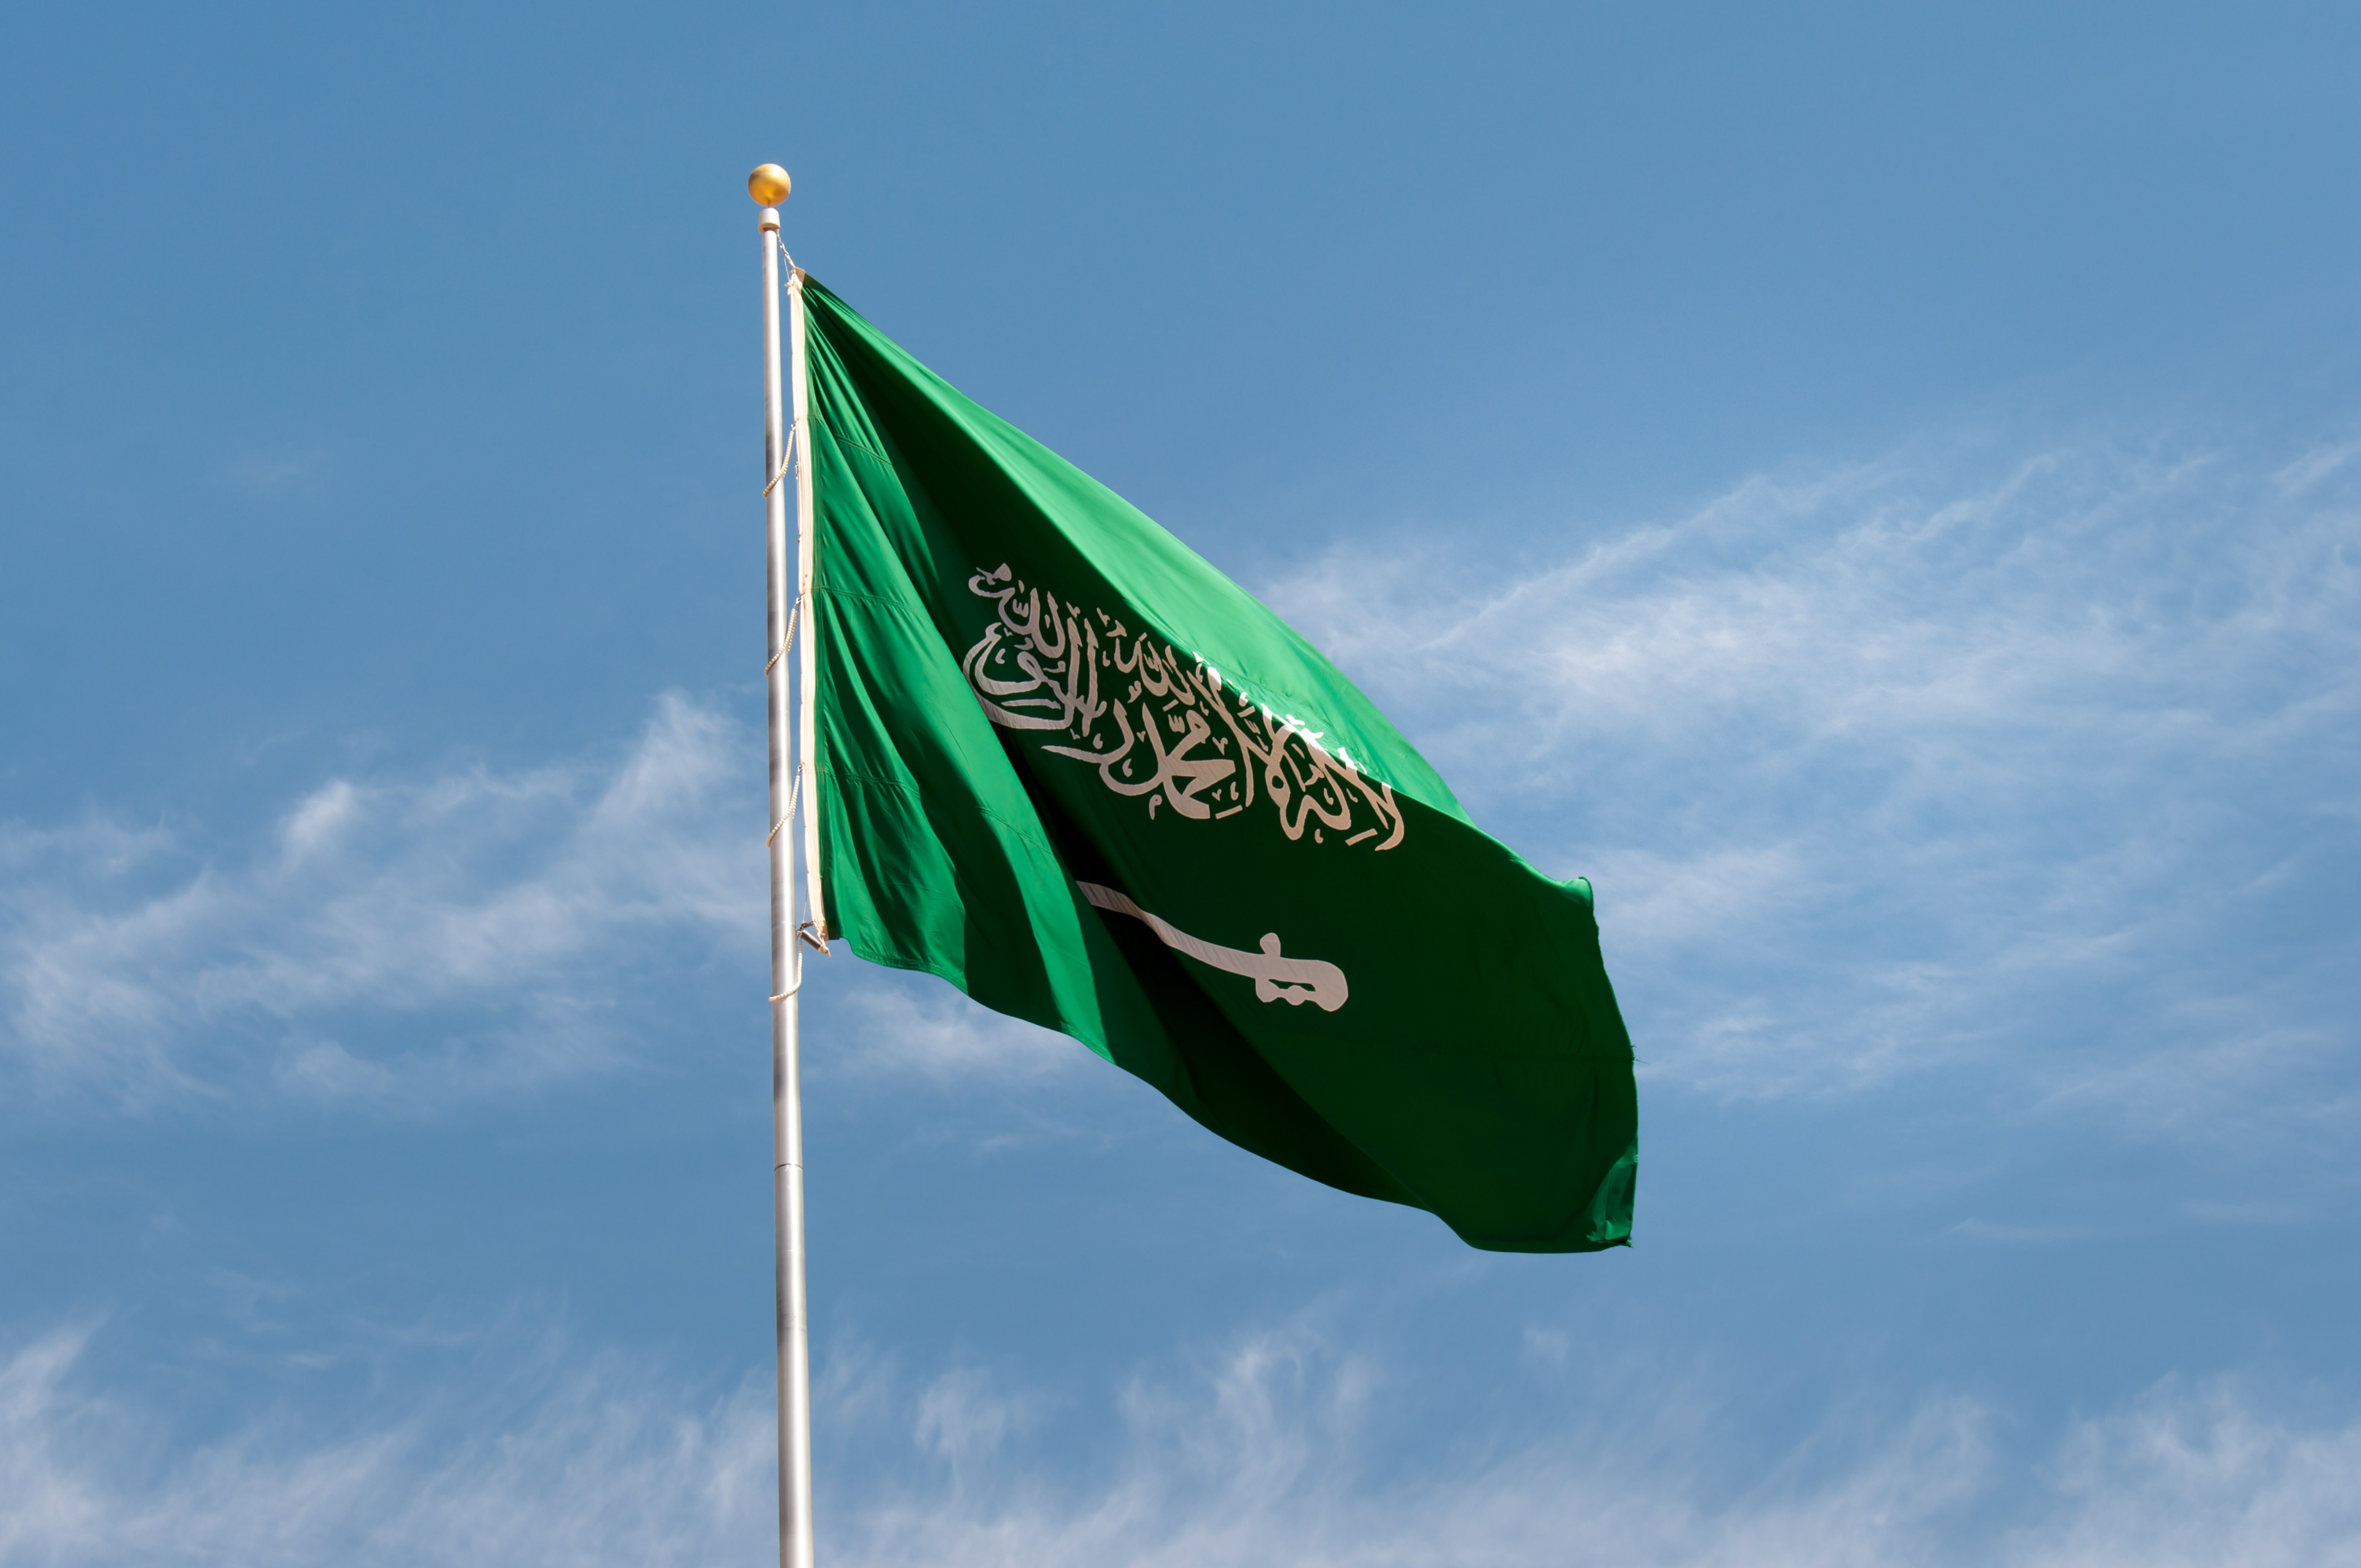 أول شعار للأمة المساعدة صممته أثناء وجودنا في مسرعة قطوف عام ٢٠١٤ م